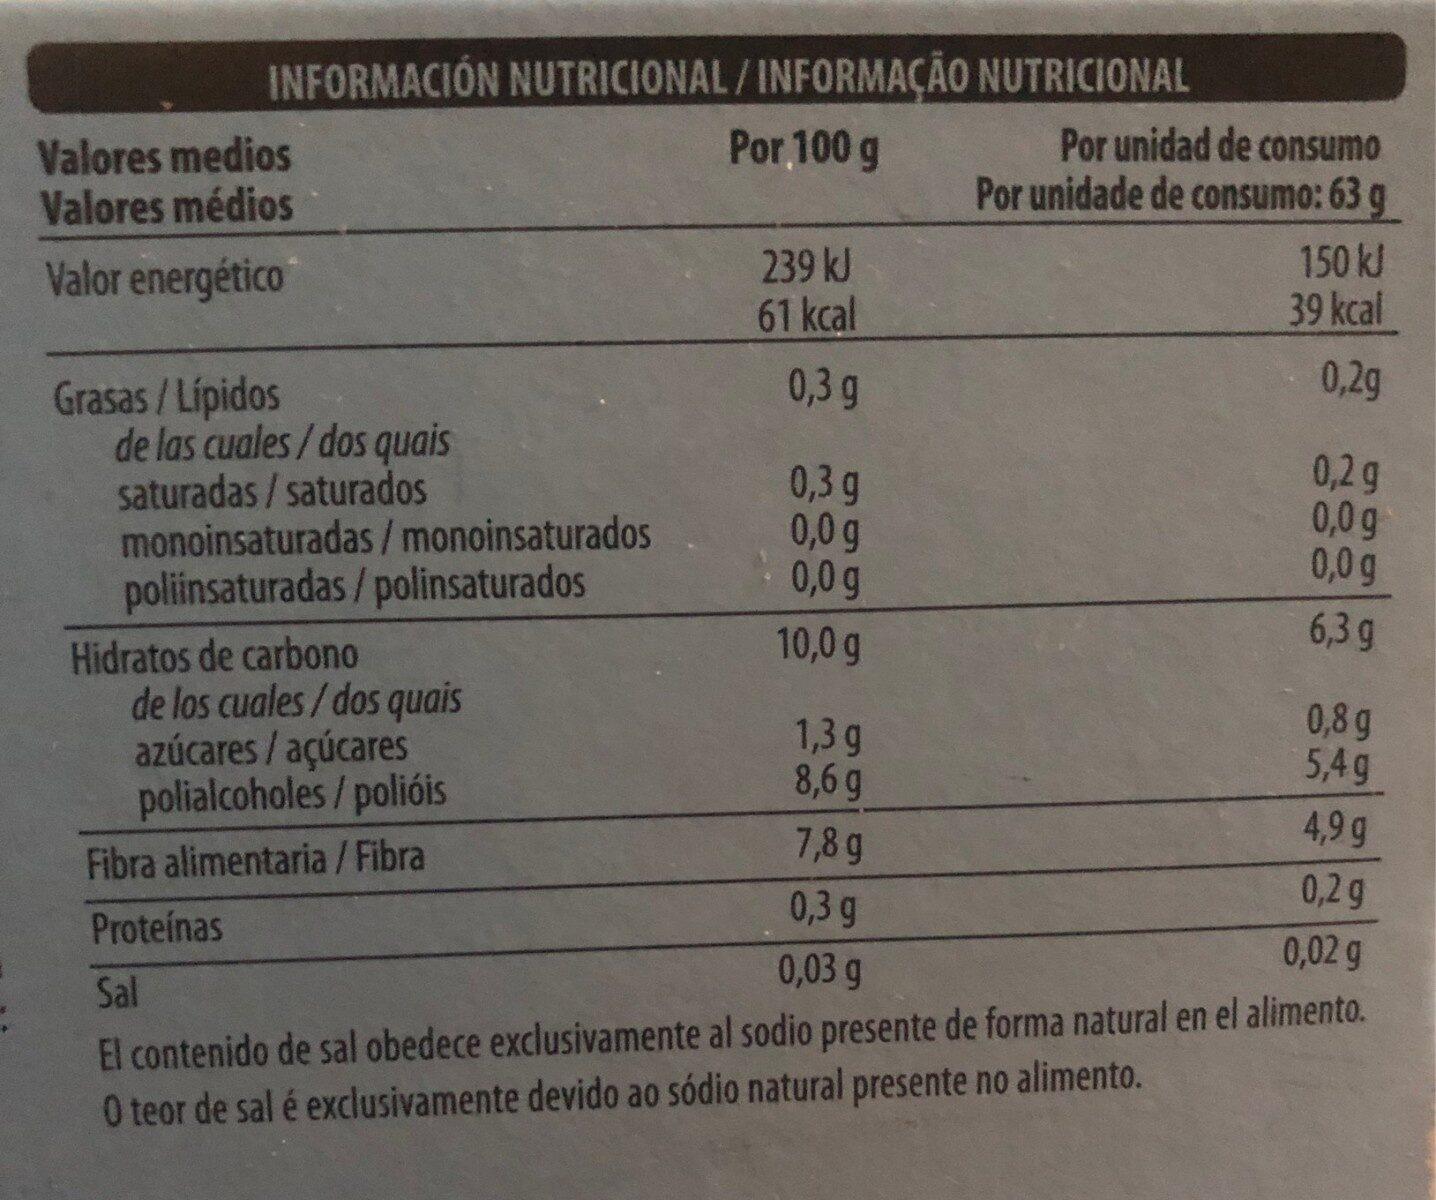 Cremoso limon - Información nutricional - es